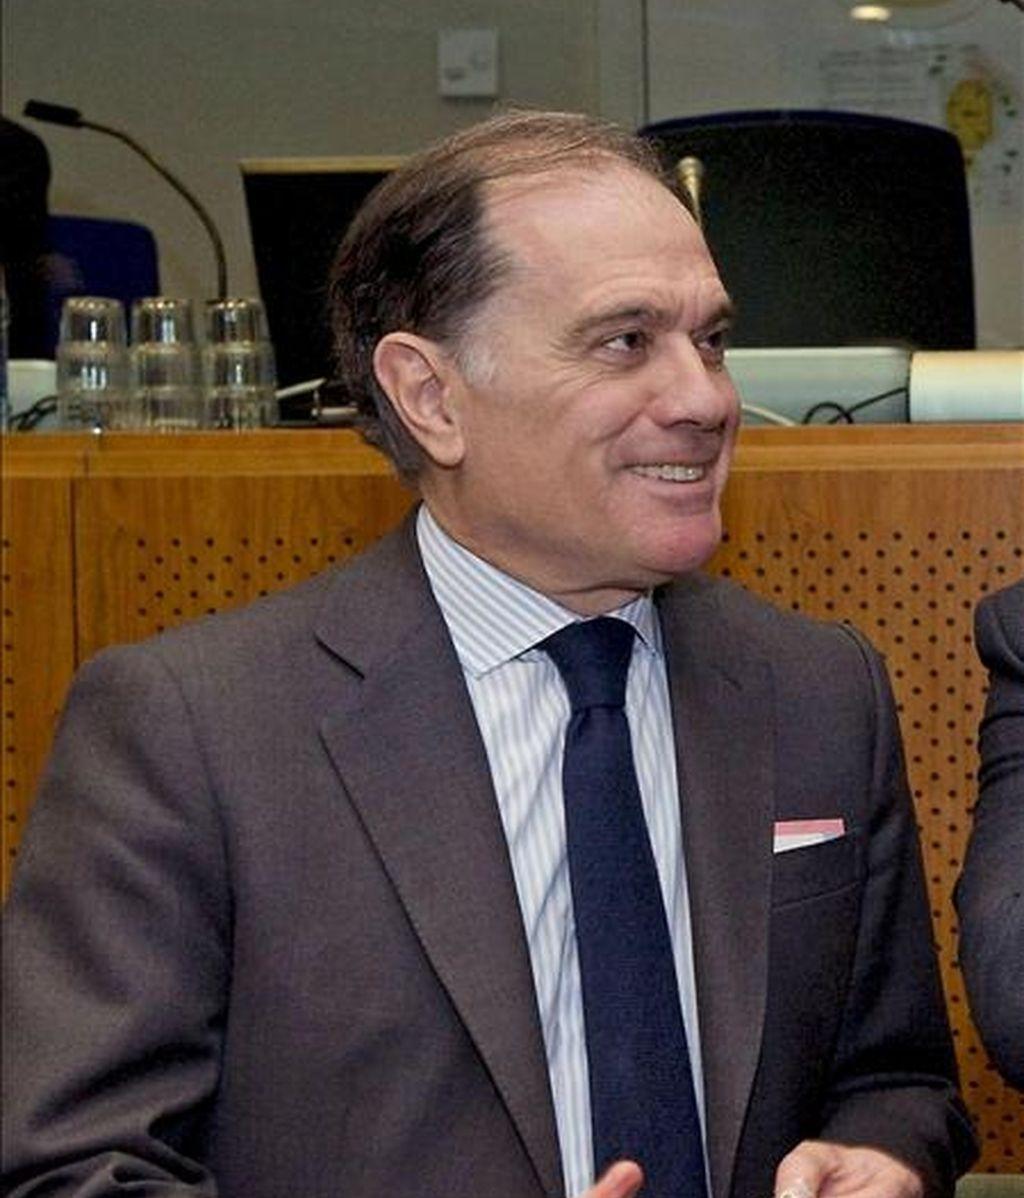 El vicepresidente segundo y consejero de Economía y Empleo de Castilla y León, Tomás Villanueva. EFE/Archivo